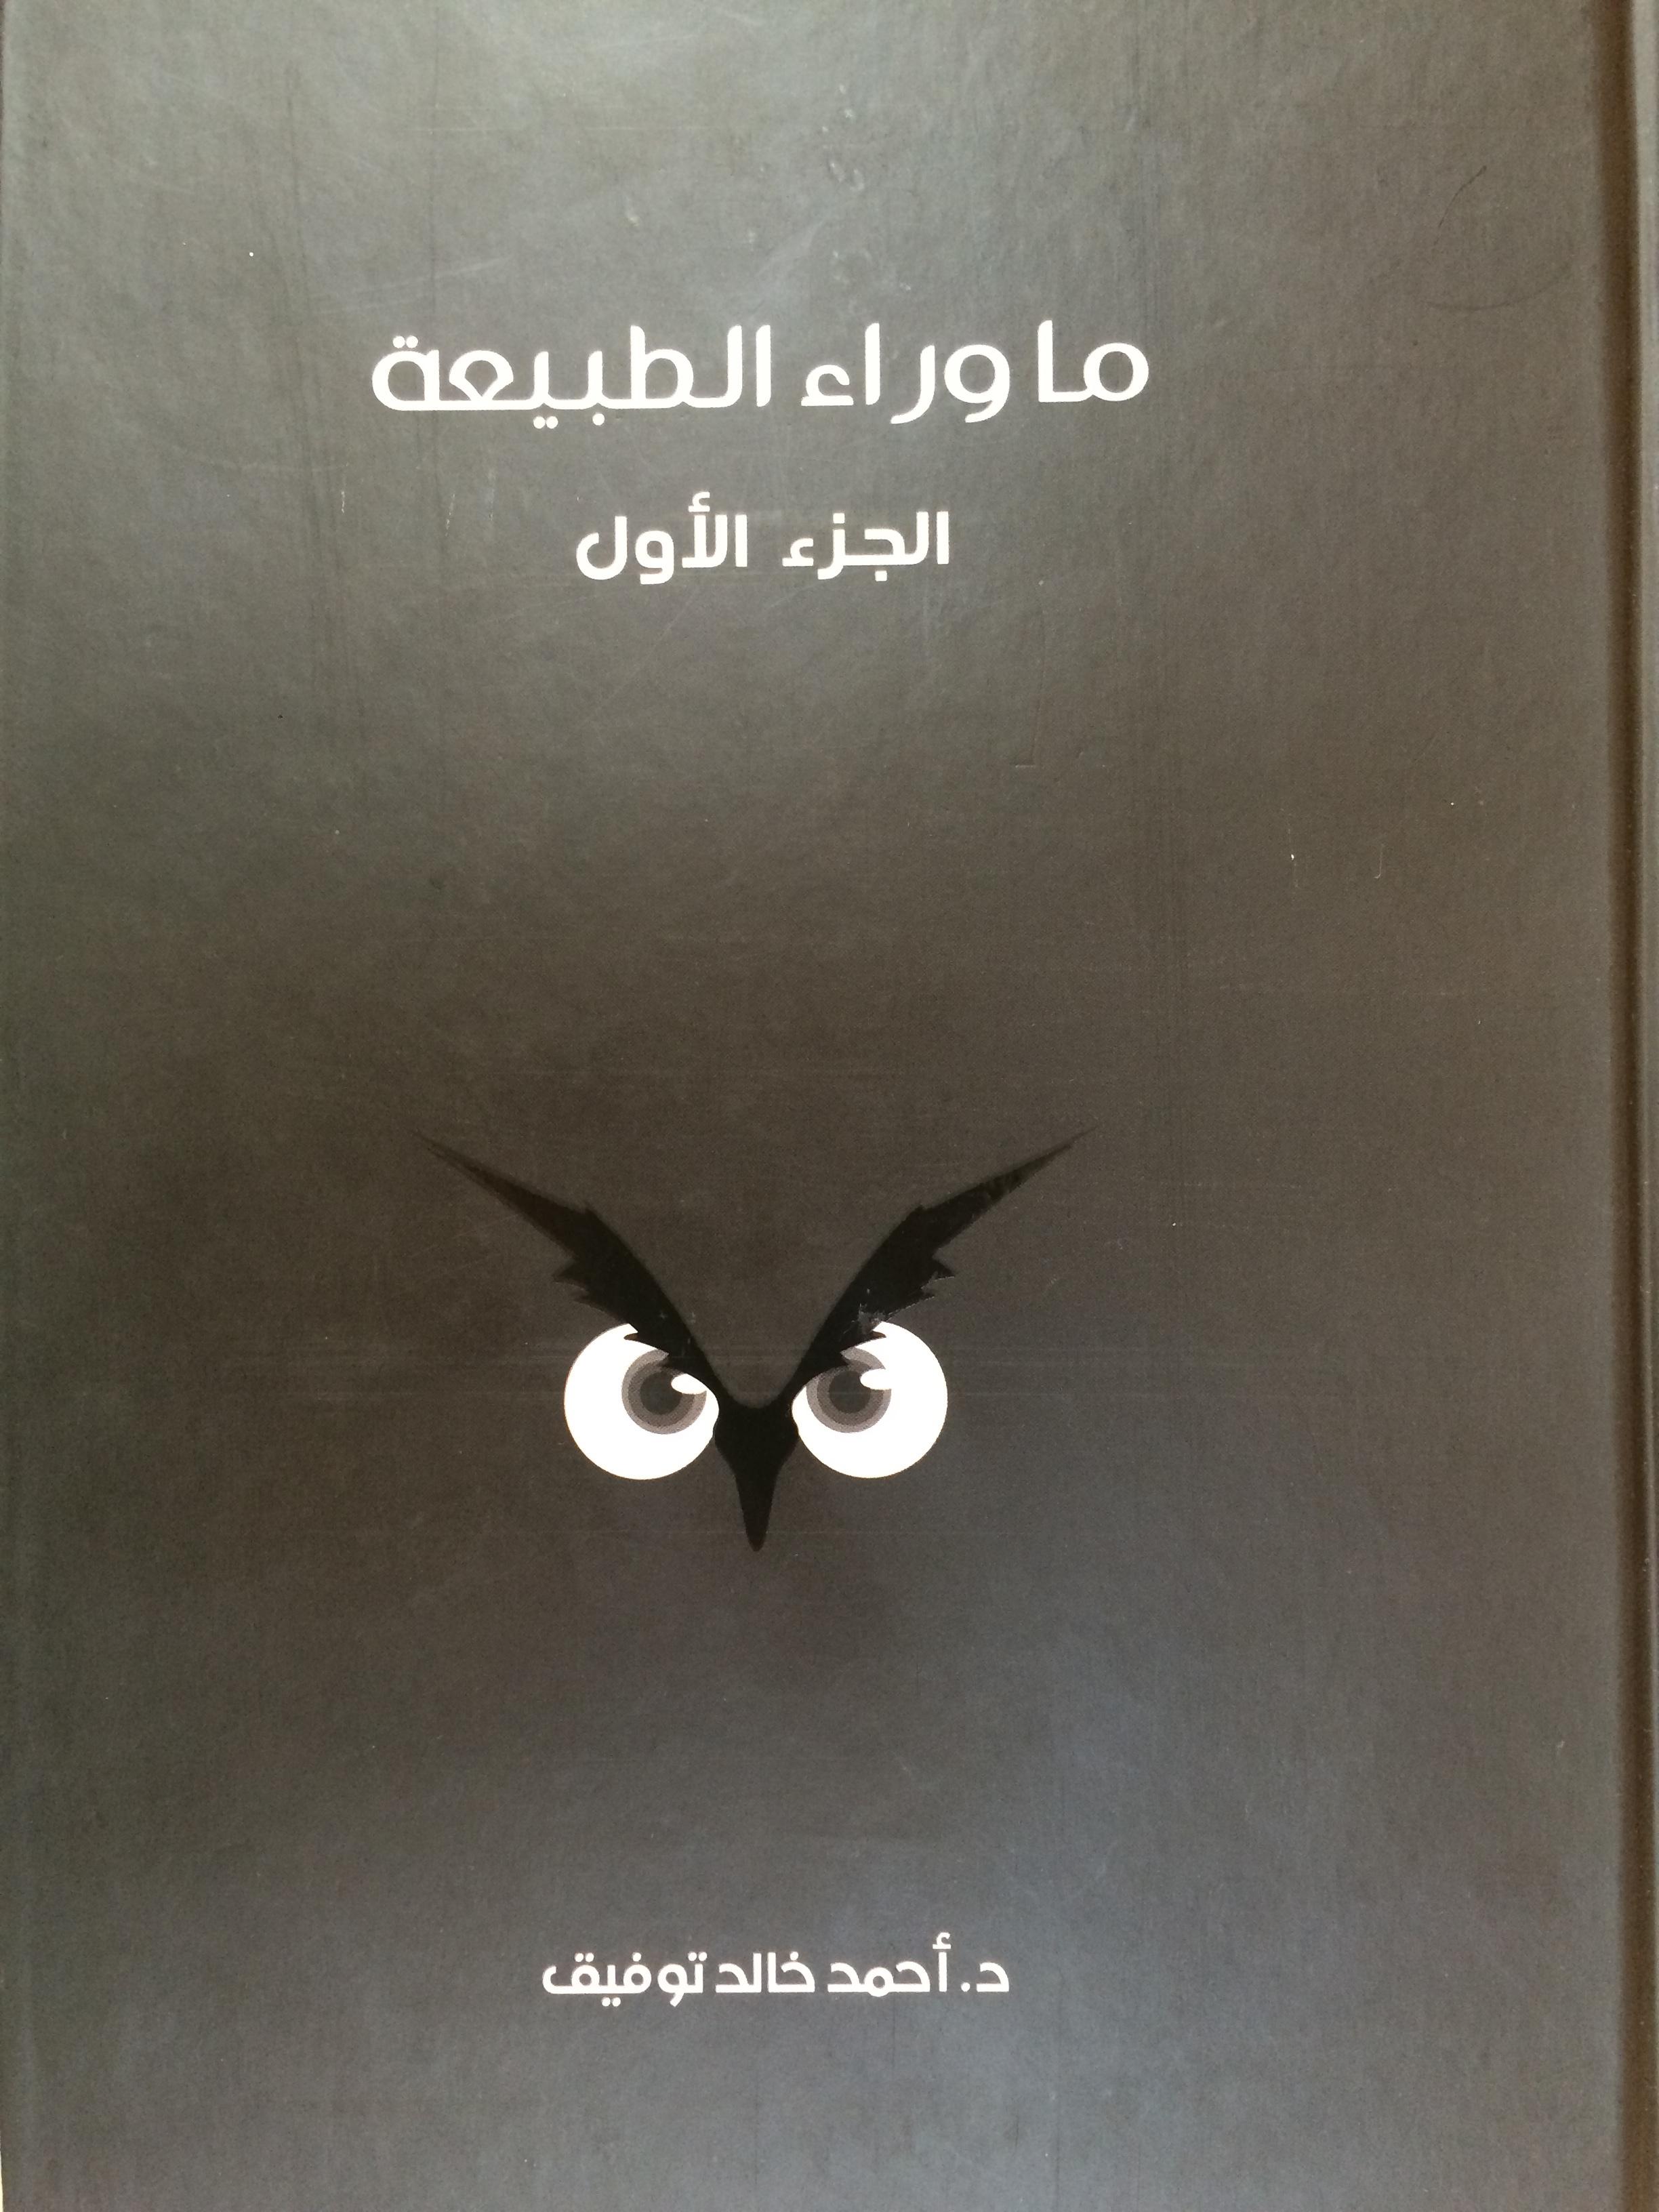 ماوراء الطبيعة الجزء الاول  by  د.آحمد خالد توفيق